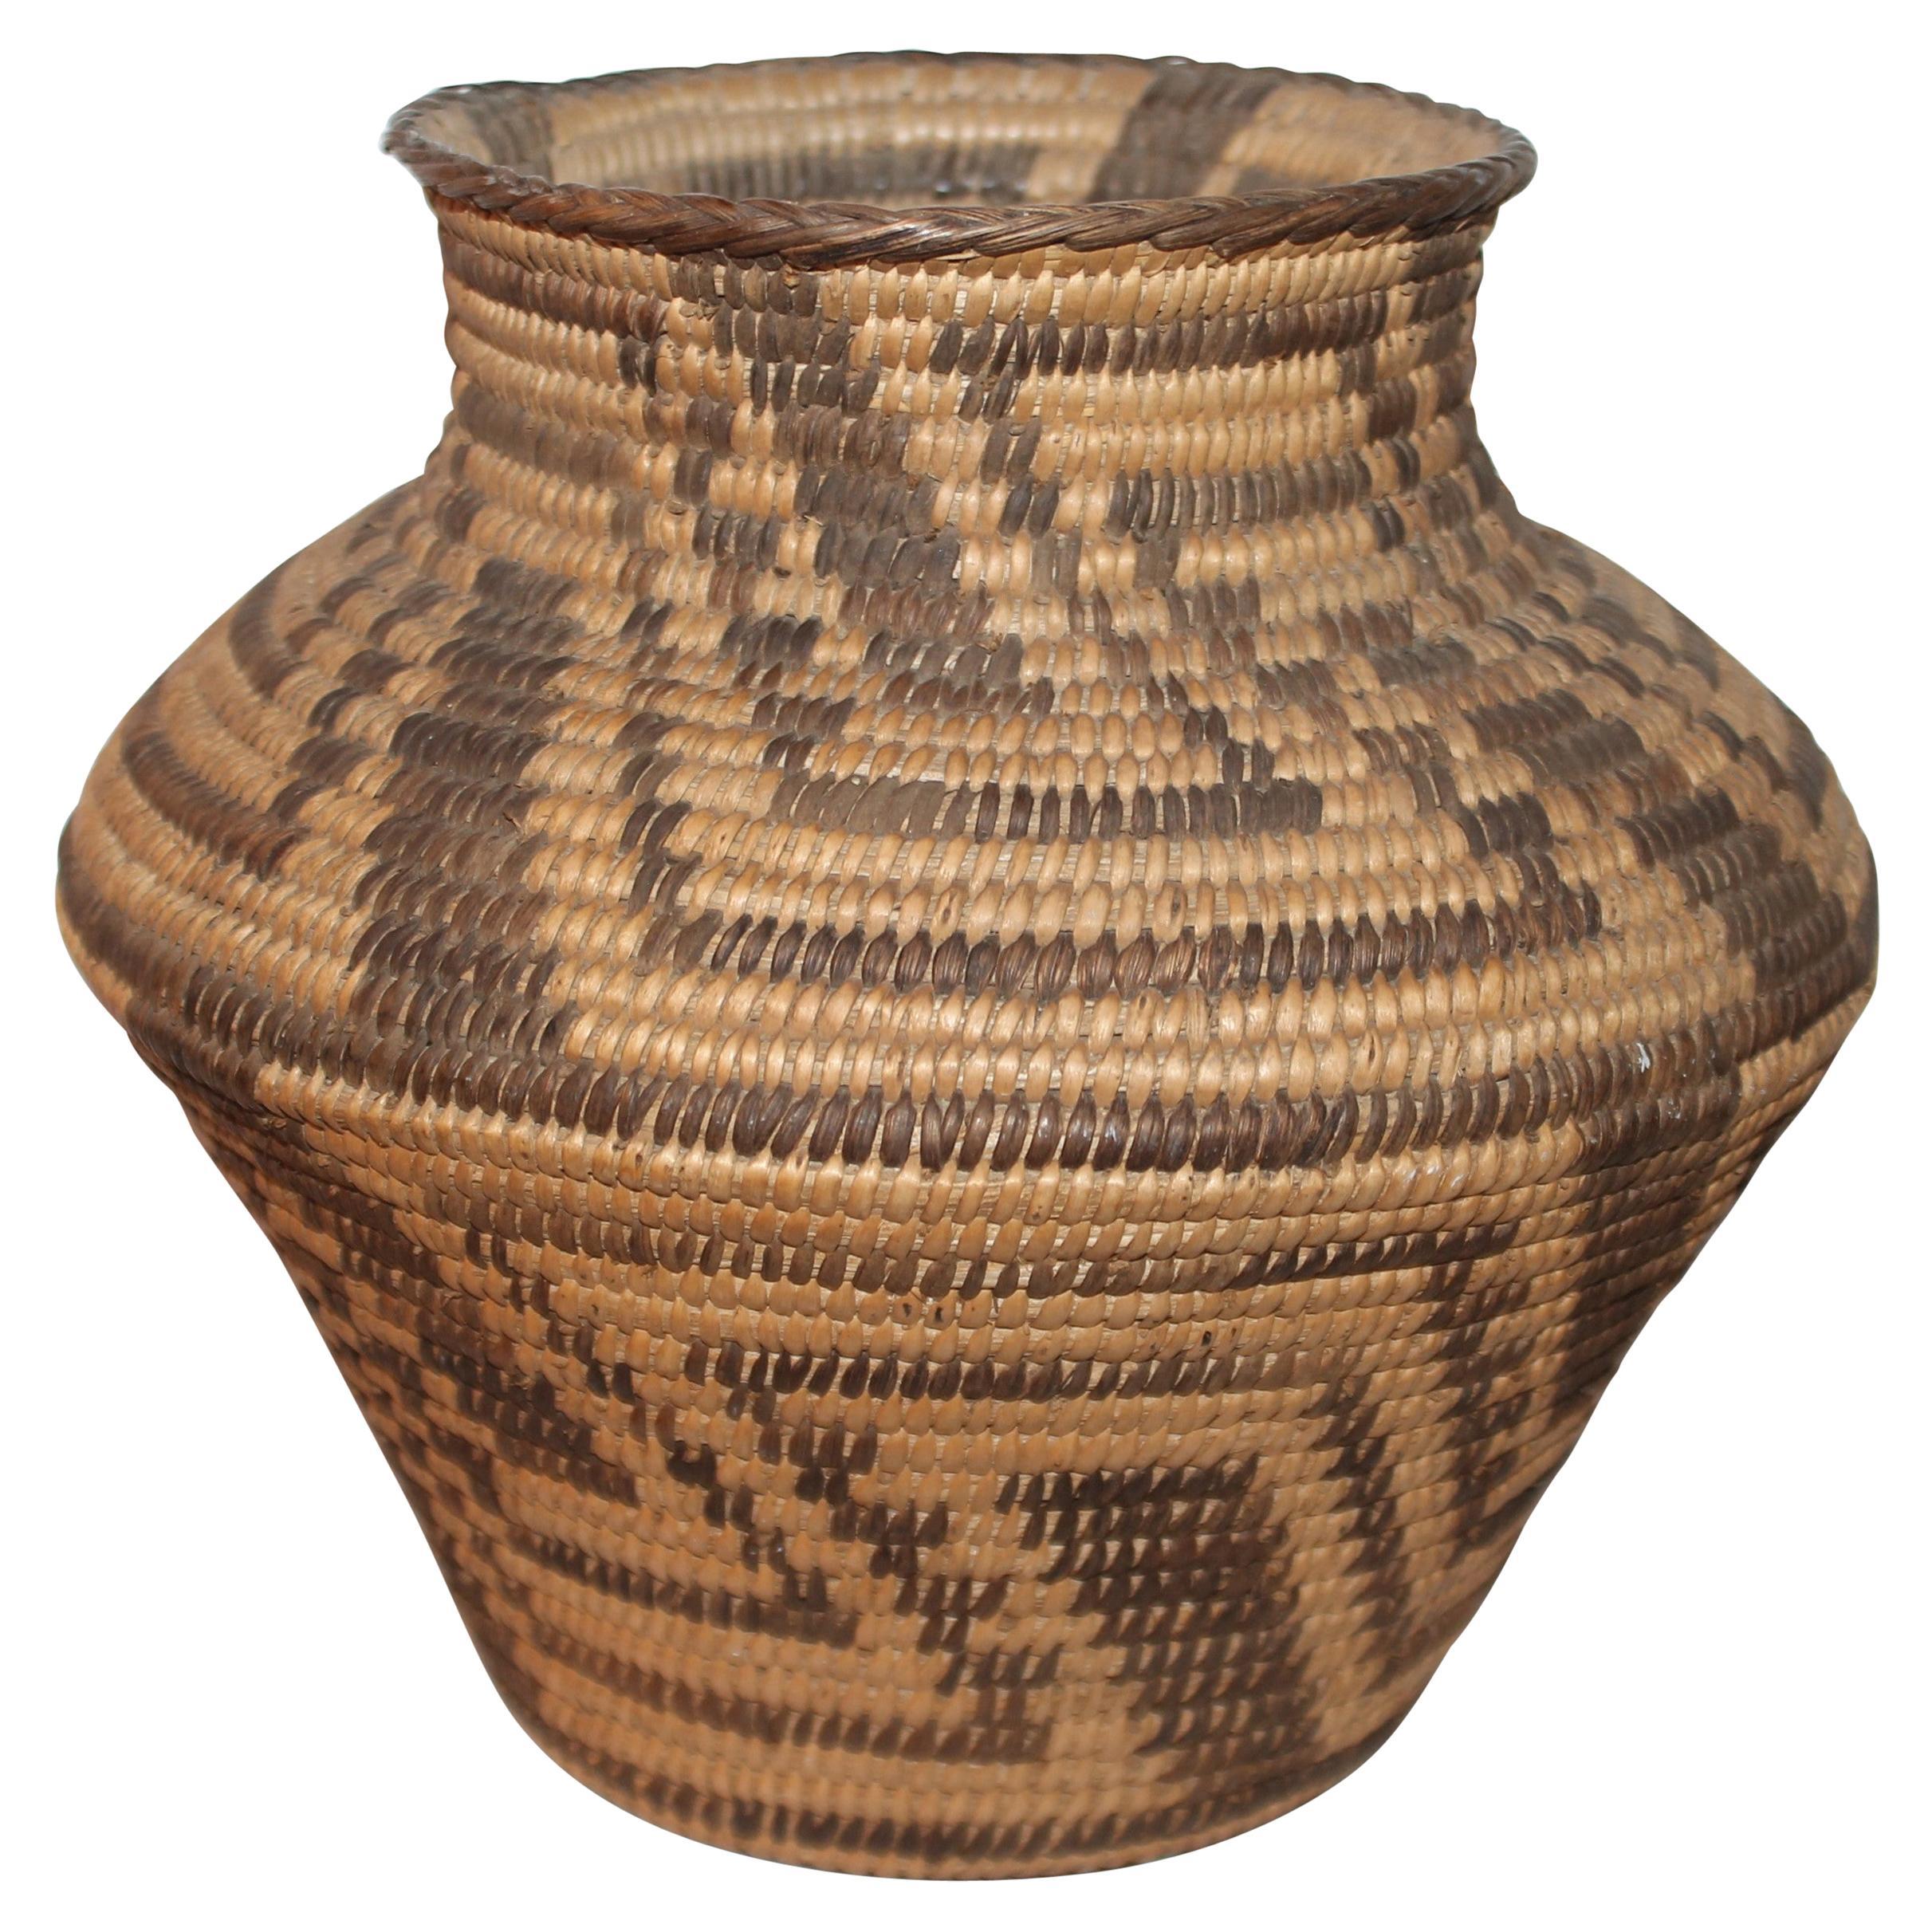 Pima Indian Hoya Basket